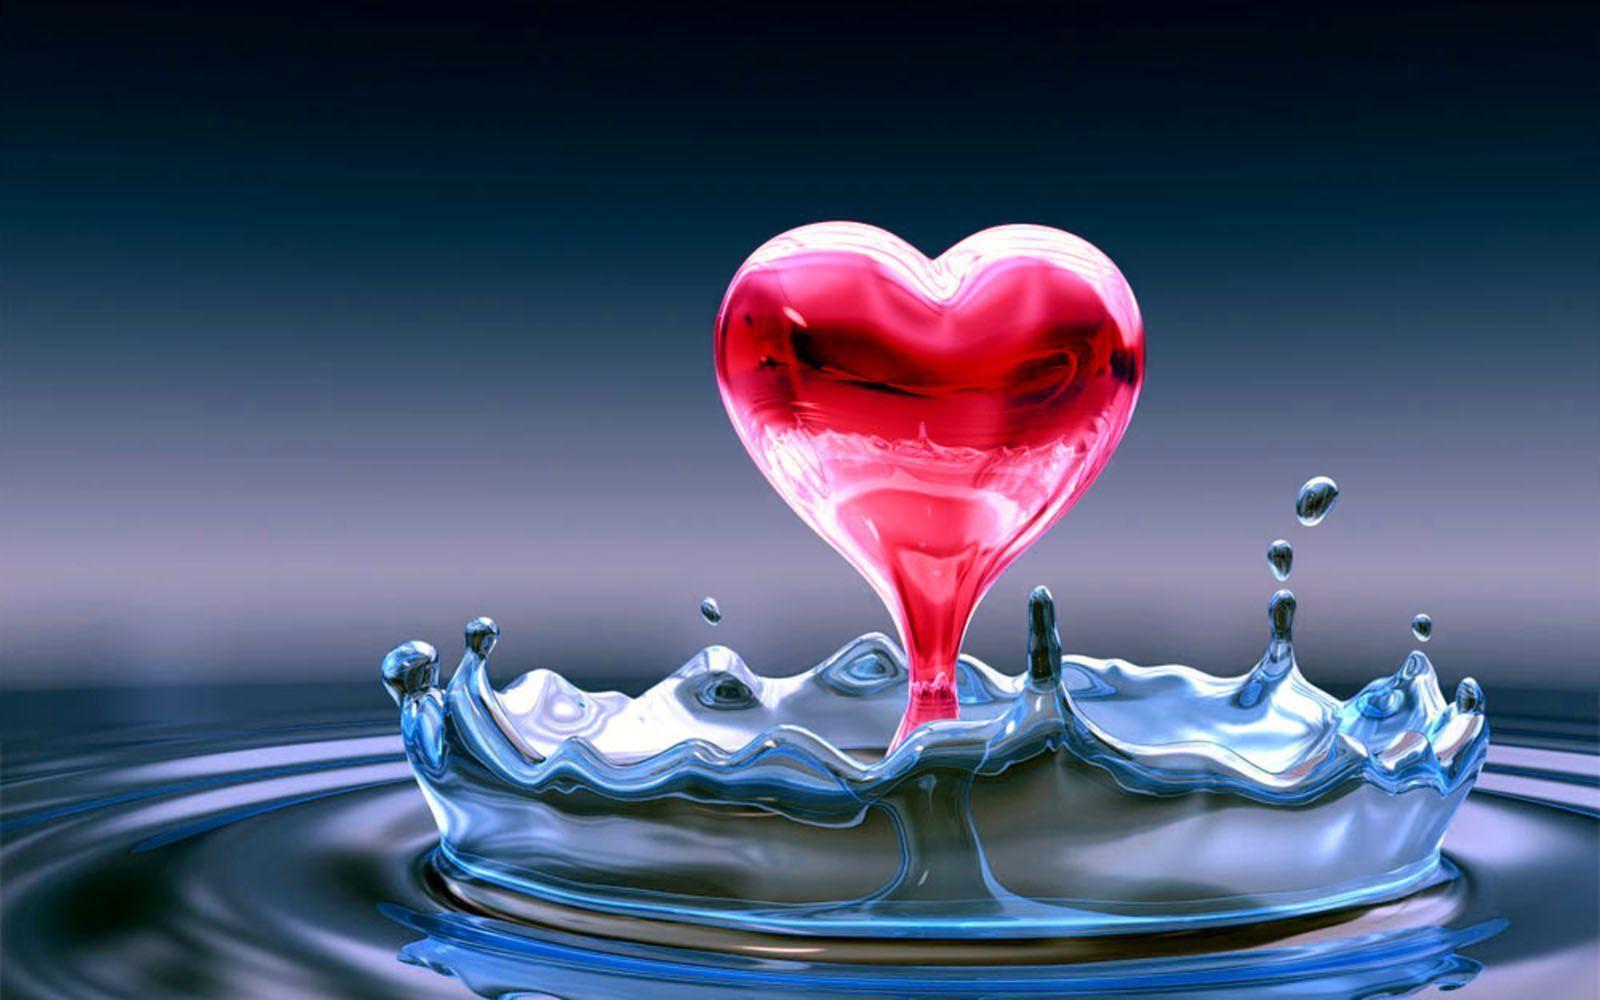 Bạn là một người đang rơi vào tình yêu? Vậy bạn có muốn cả thế giới biết điều đó bằng cách đặt những hình ảnh 3D tuyệt đẹp về tình yêu này ...